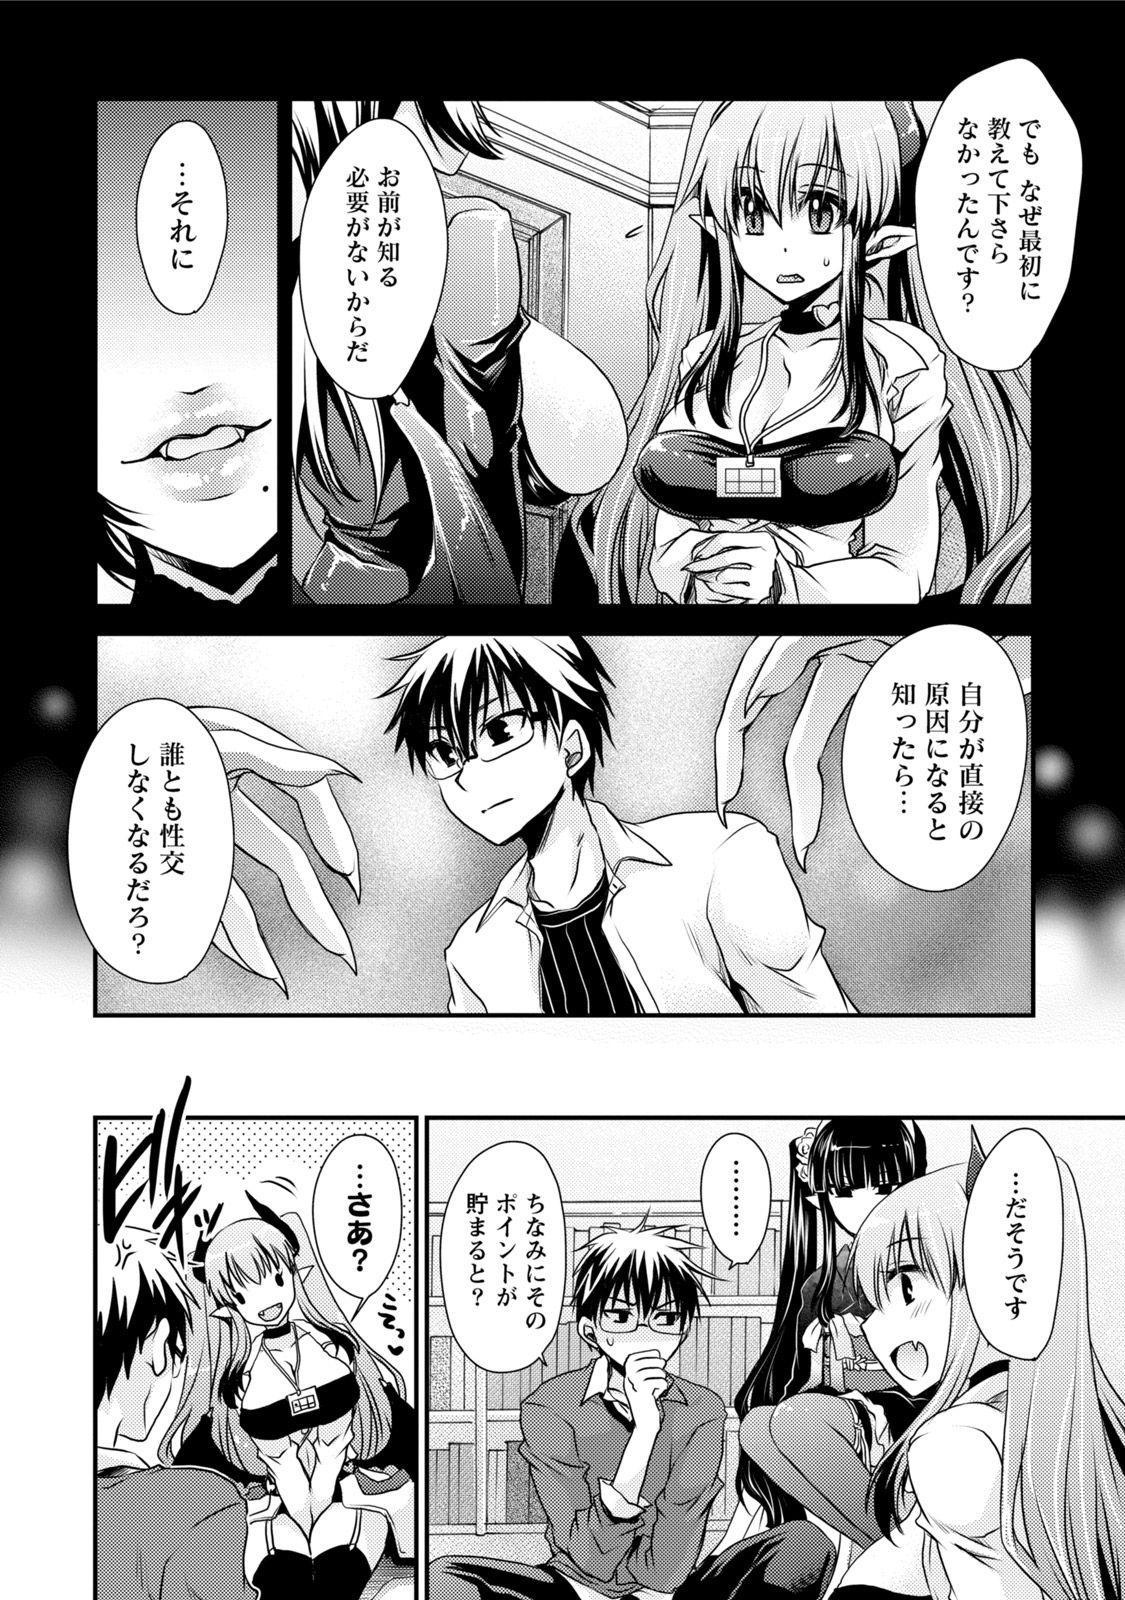 Ore to Kanojo to Owaru Sekai - World's end LoveStory 1 136